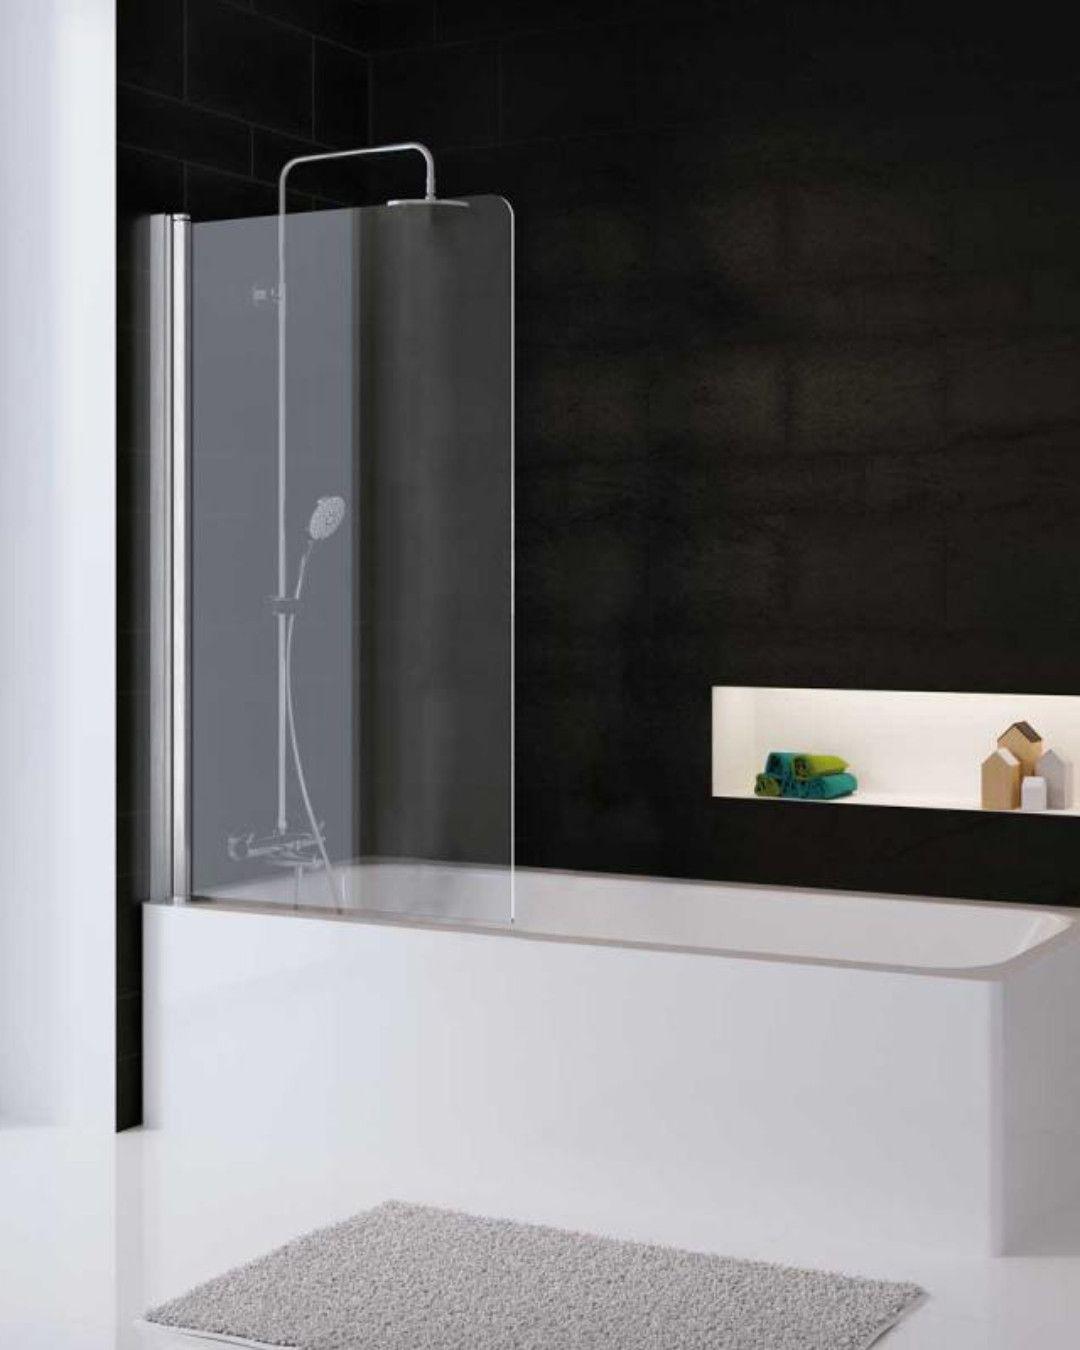 Full Size of Hsk Favorit Nova Verwandeln Sie Ihre Badewanne In Einen Duschen Moderne Breuer Bodengleiche Schulte Werksverkauf Hüppe Begehbare Sprinz Kaufen Dusche Hsk Duschen